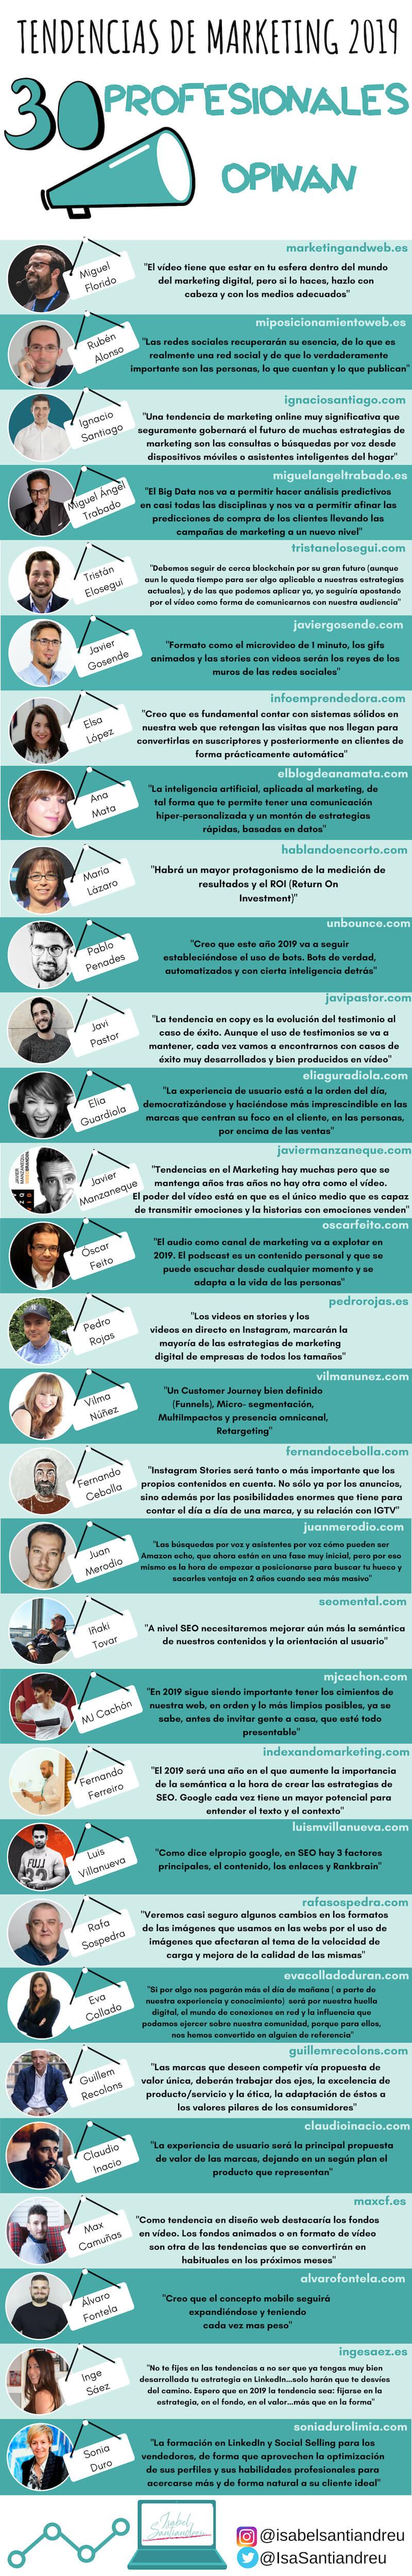 Tendencias en marketing y redes sociales